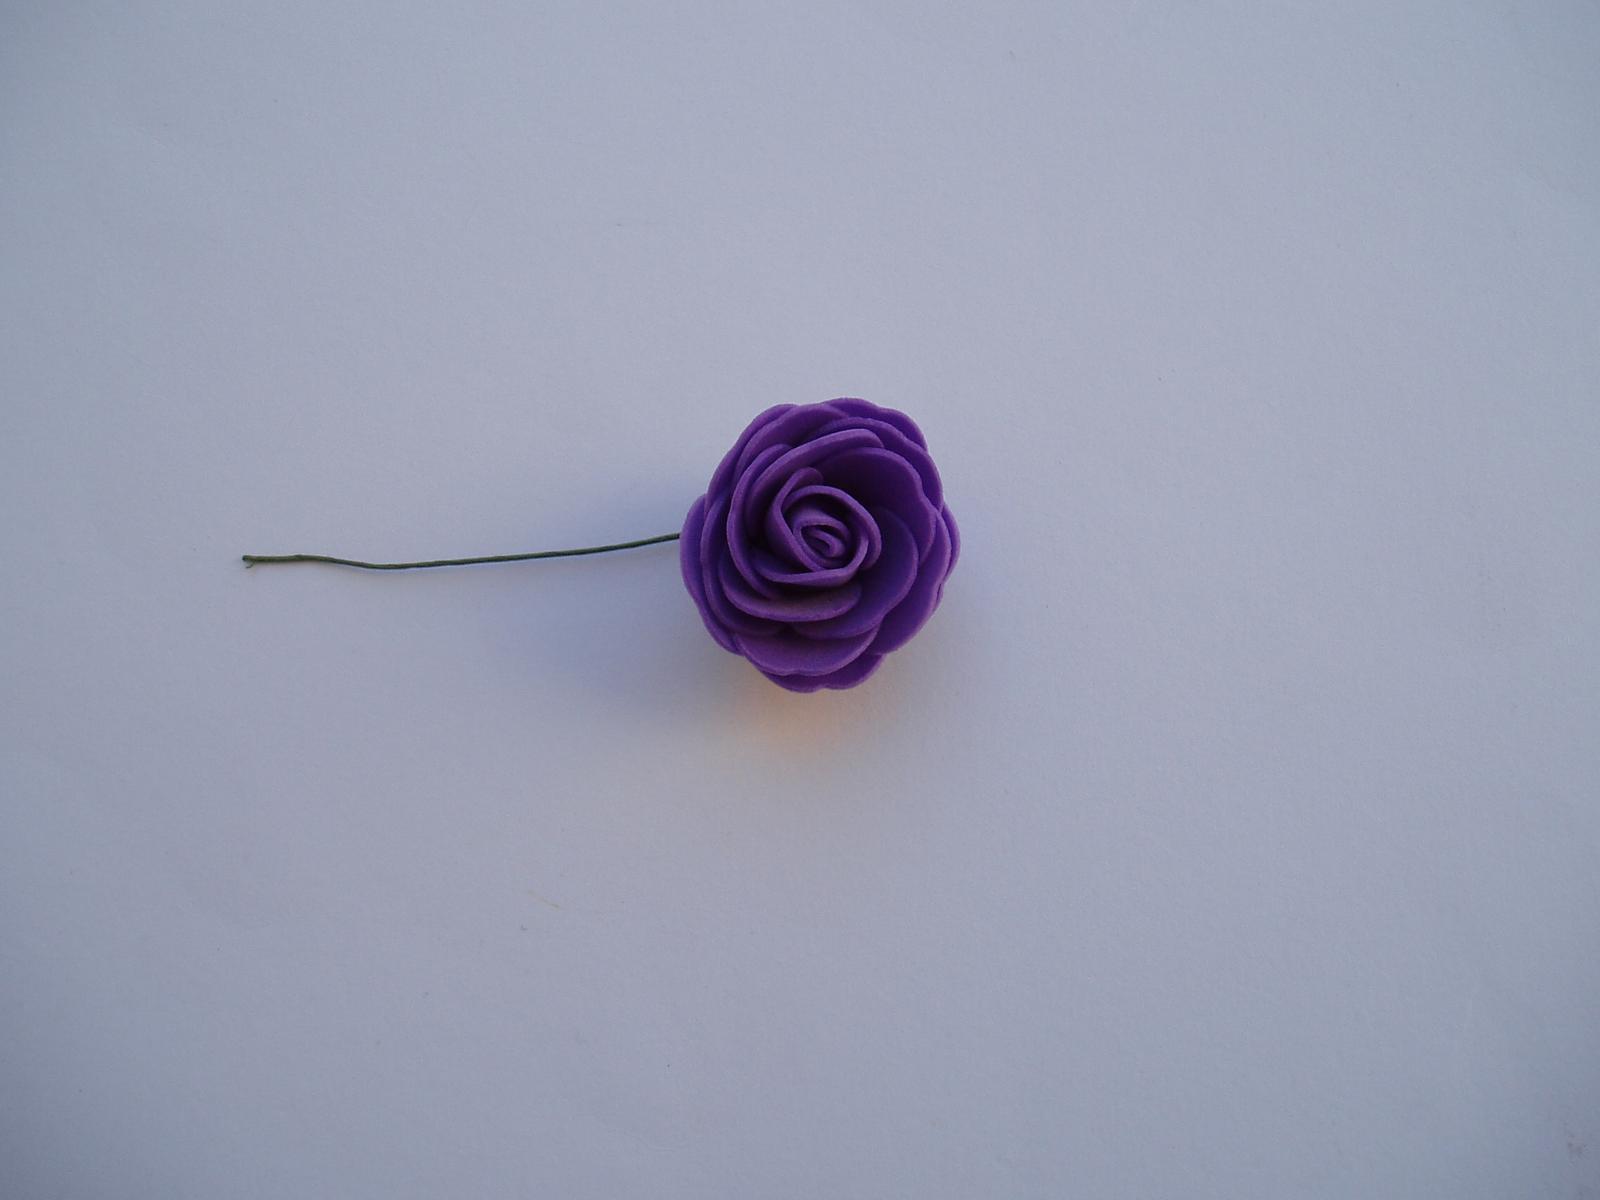 pěnová růže-fialová 4 cm - Obrázek č. 1